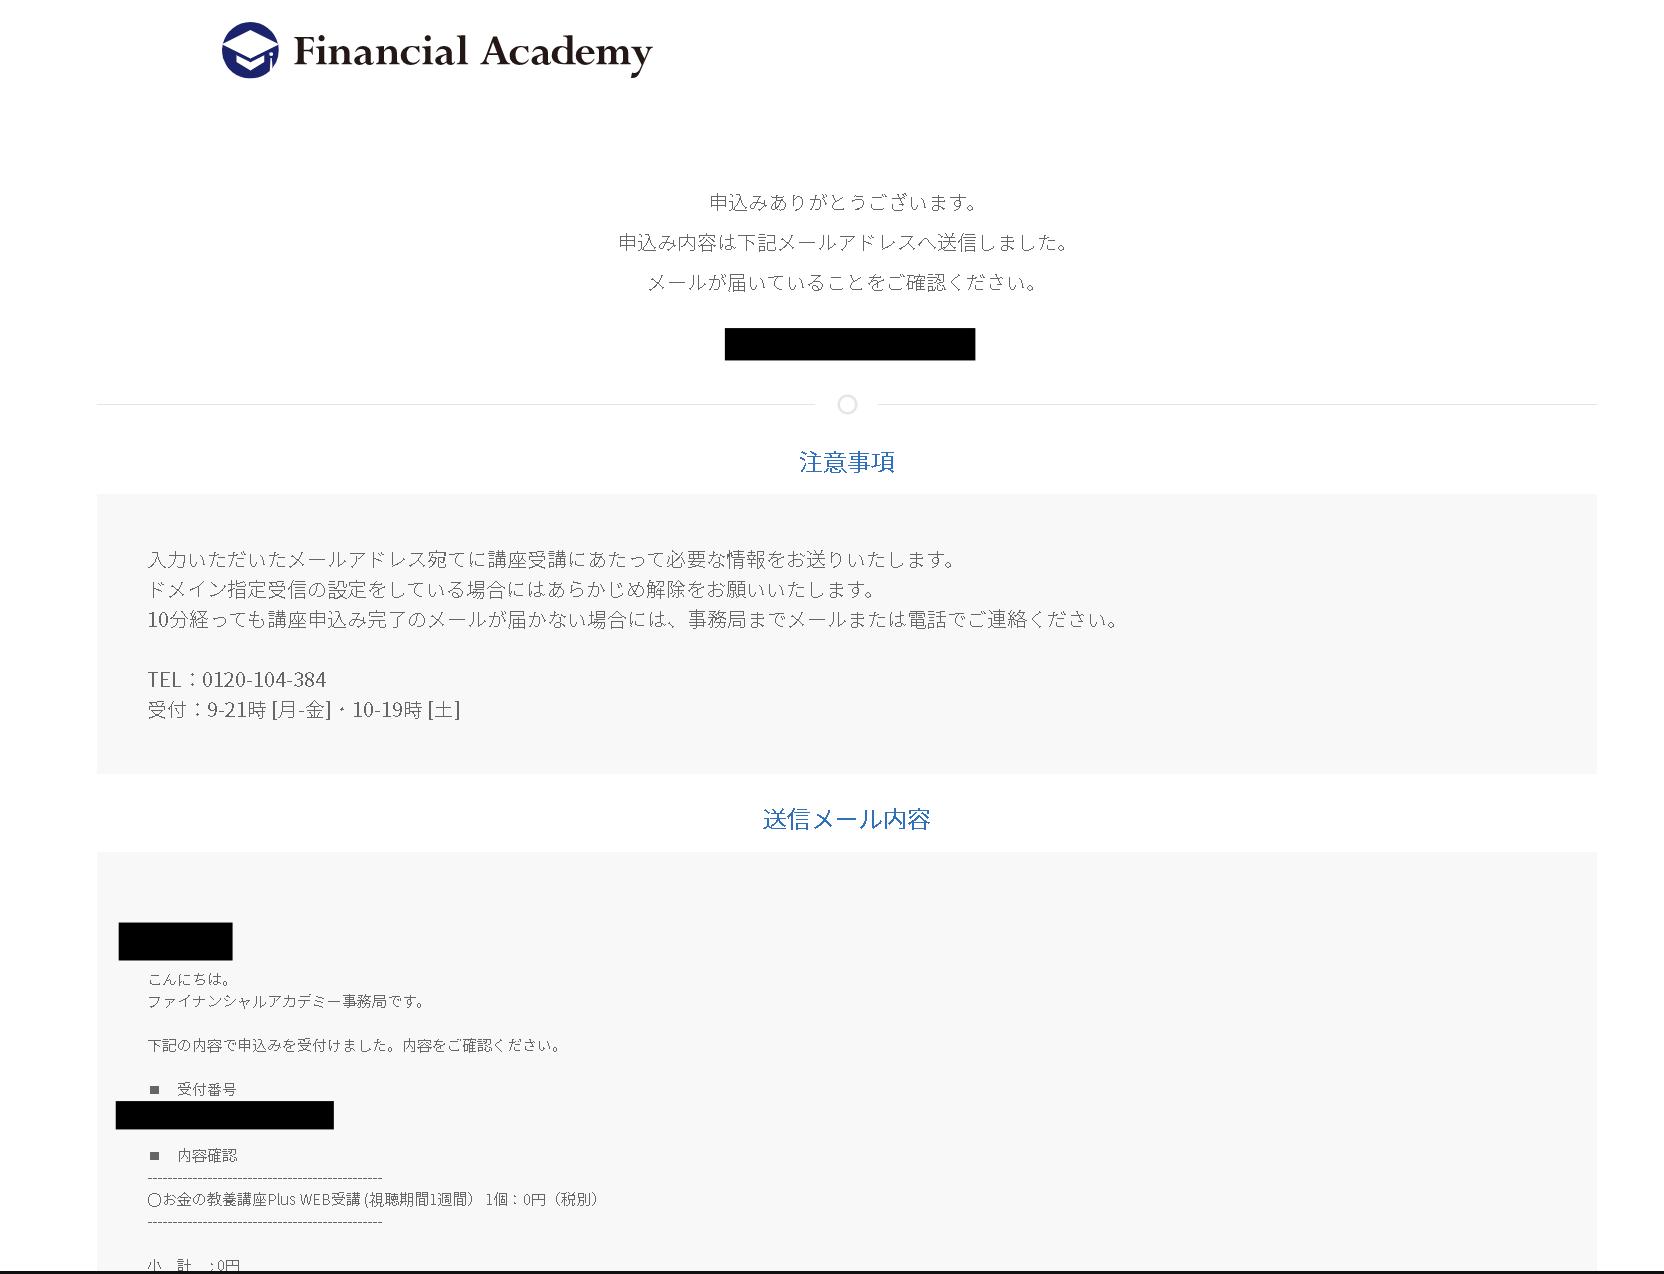 お金の教養講座申し込み完了